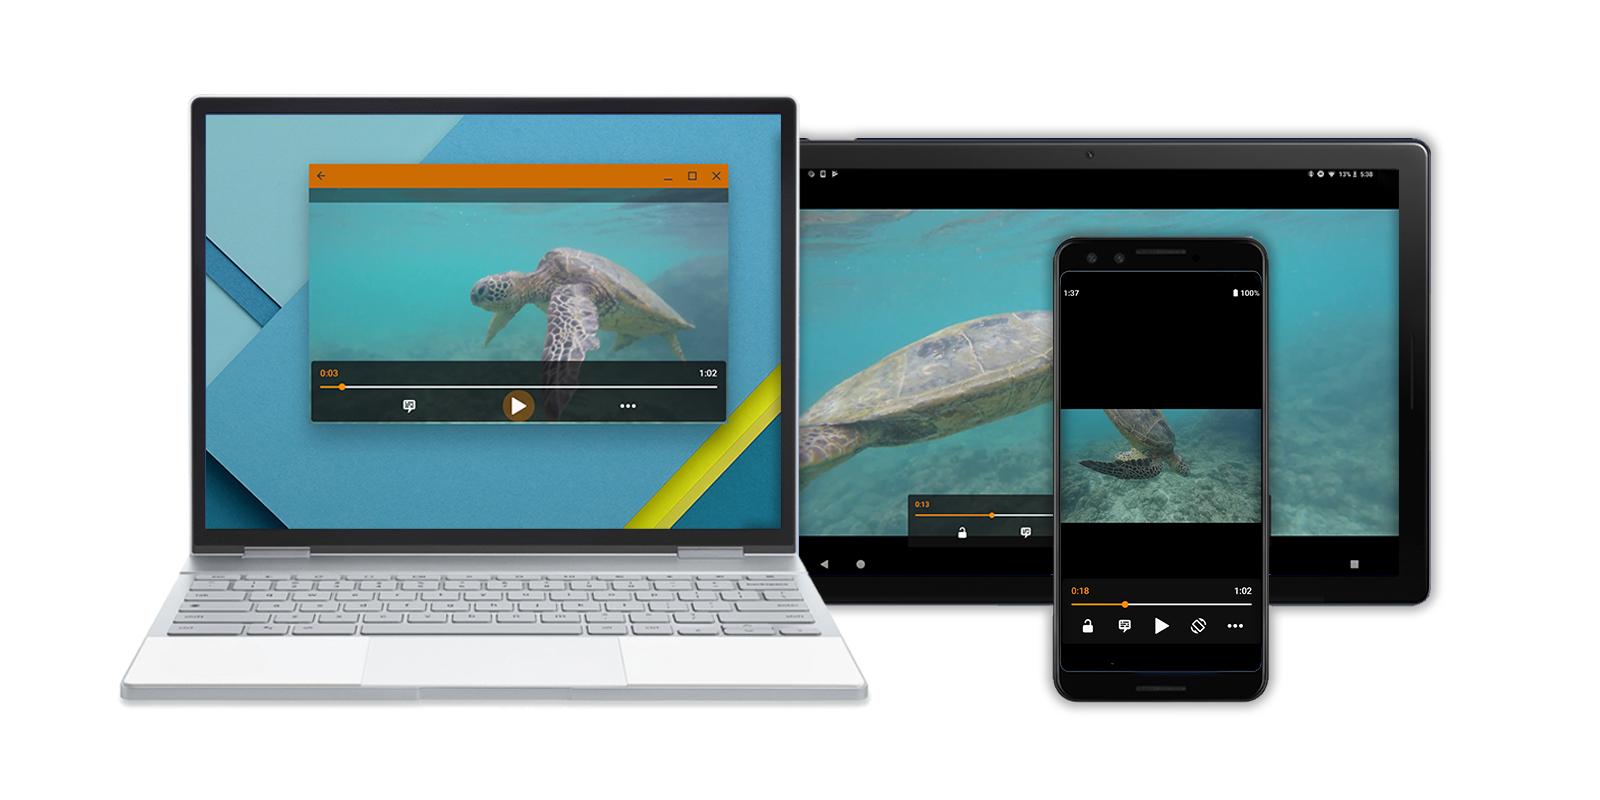 Imagen que muestra varias versiones del diseño, ejemplos de cambio de tamaño dinámico en dispositivos móviles, tablets y laptops